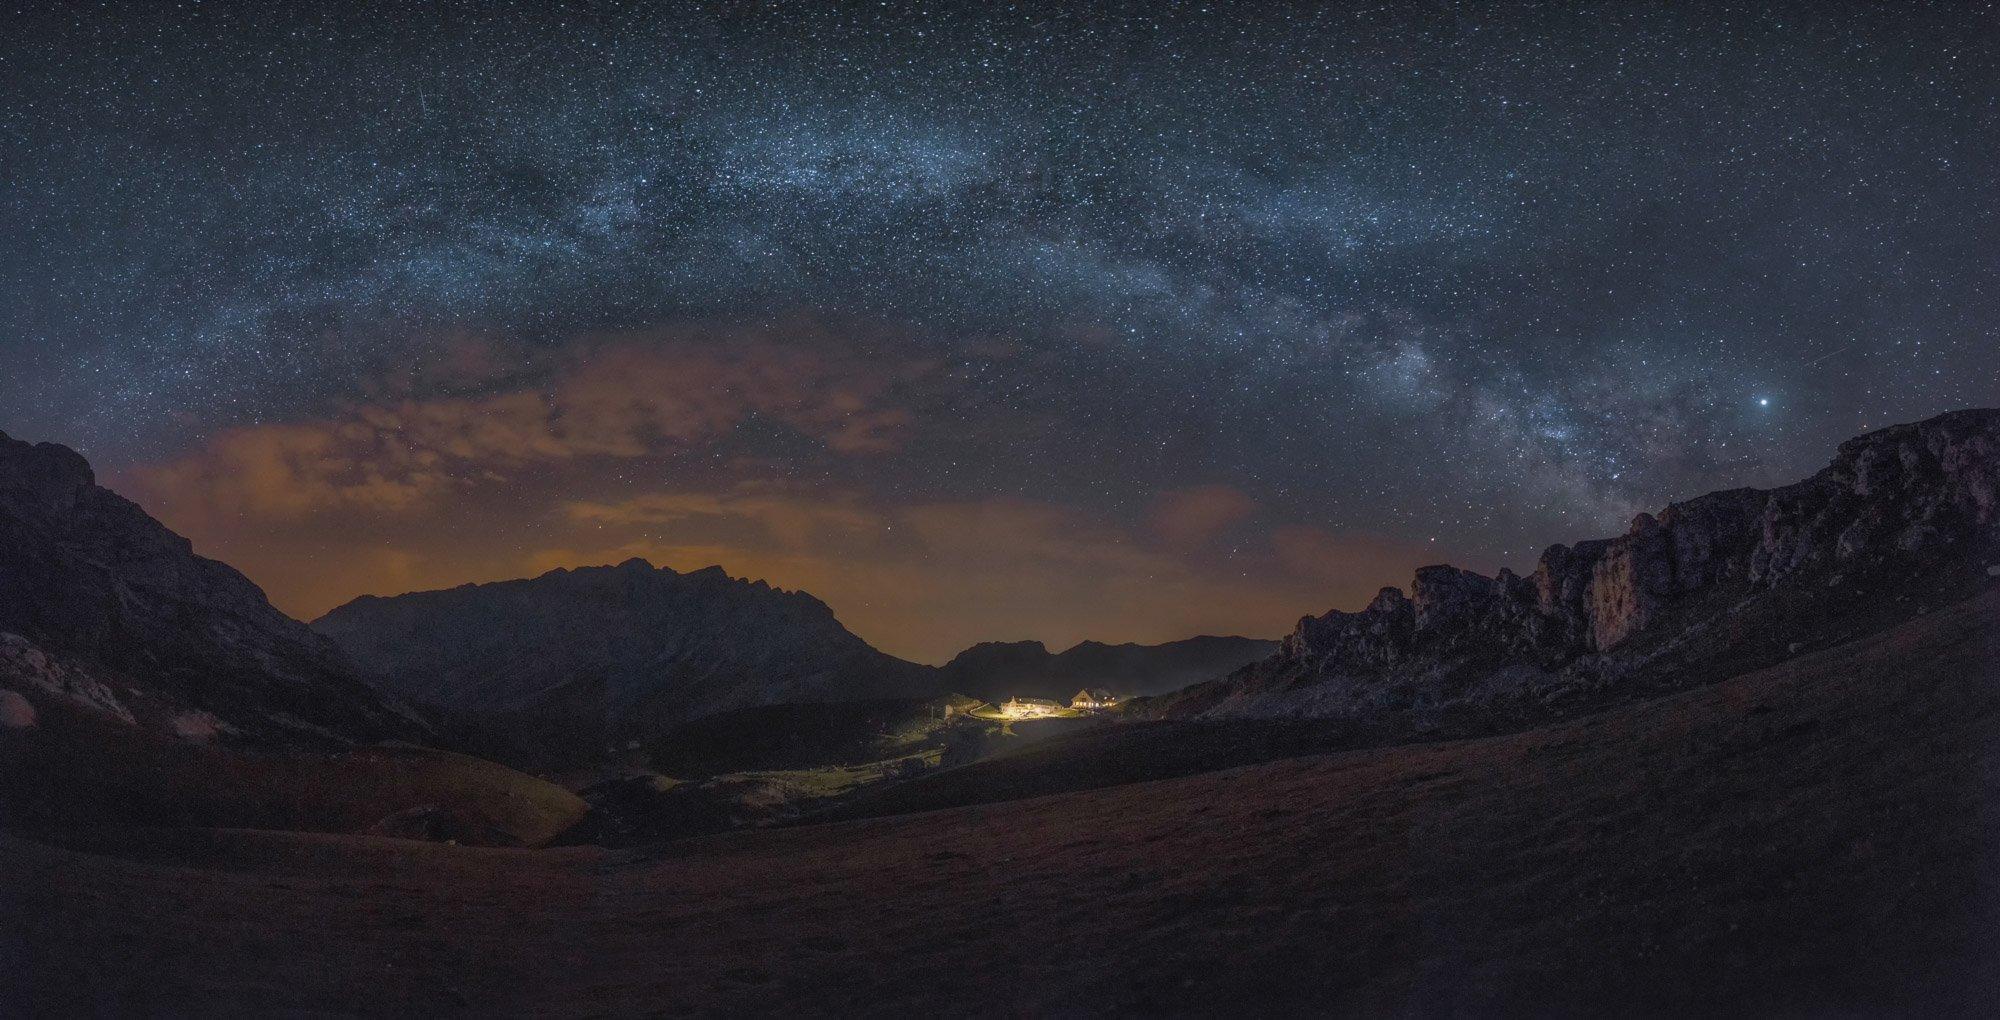 Via Lactea Nocturna - Linzex